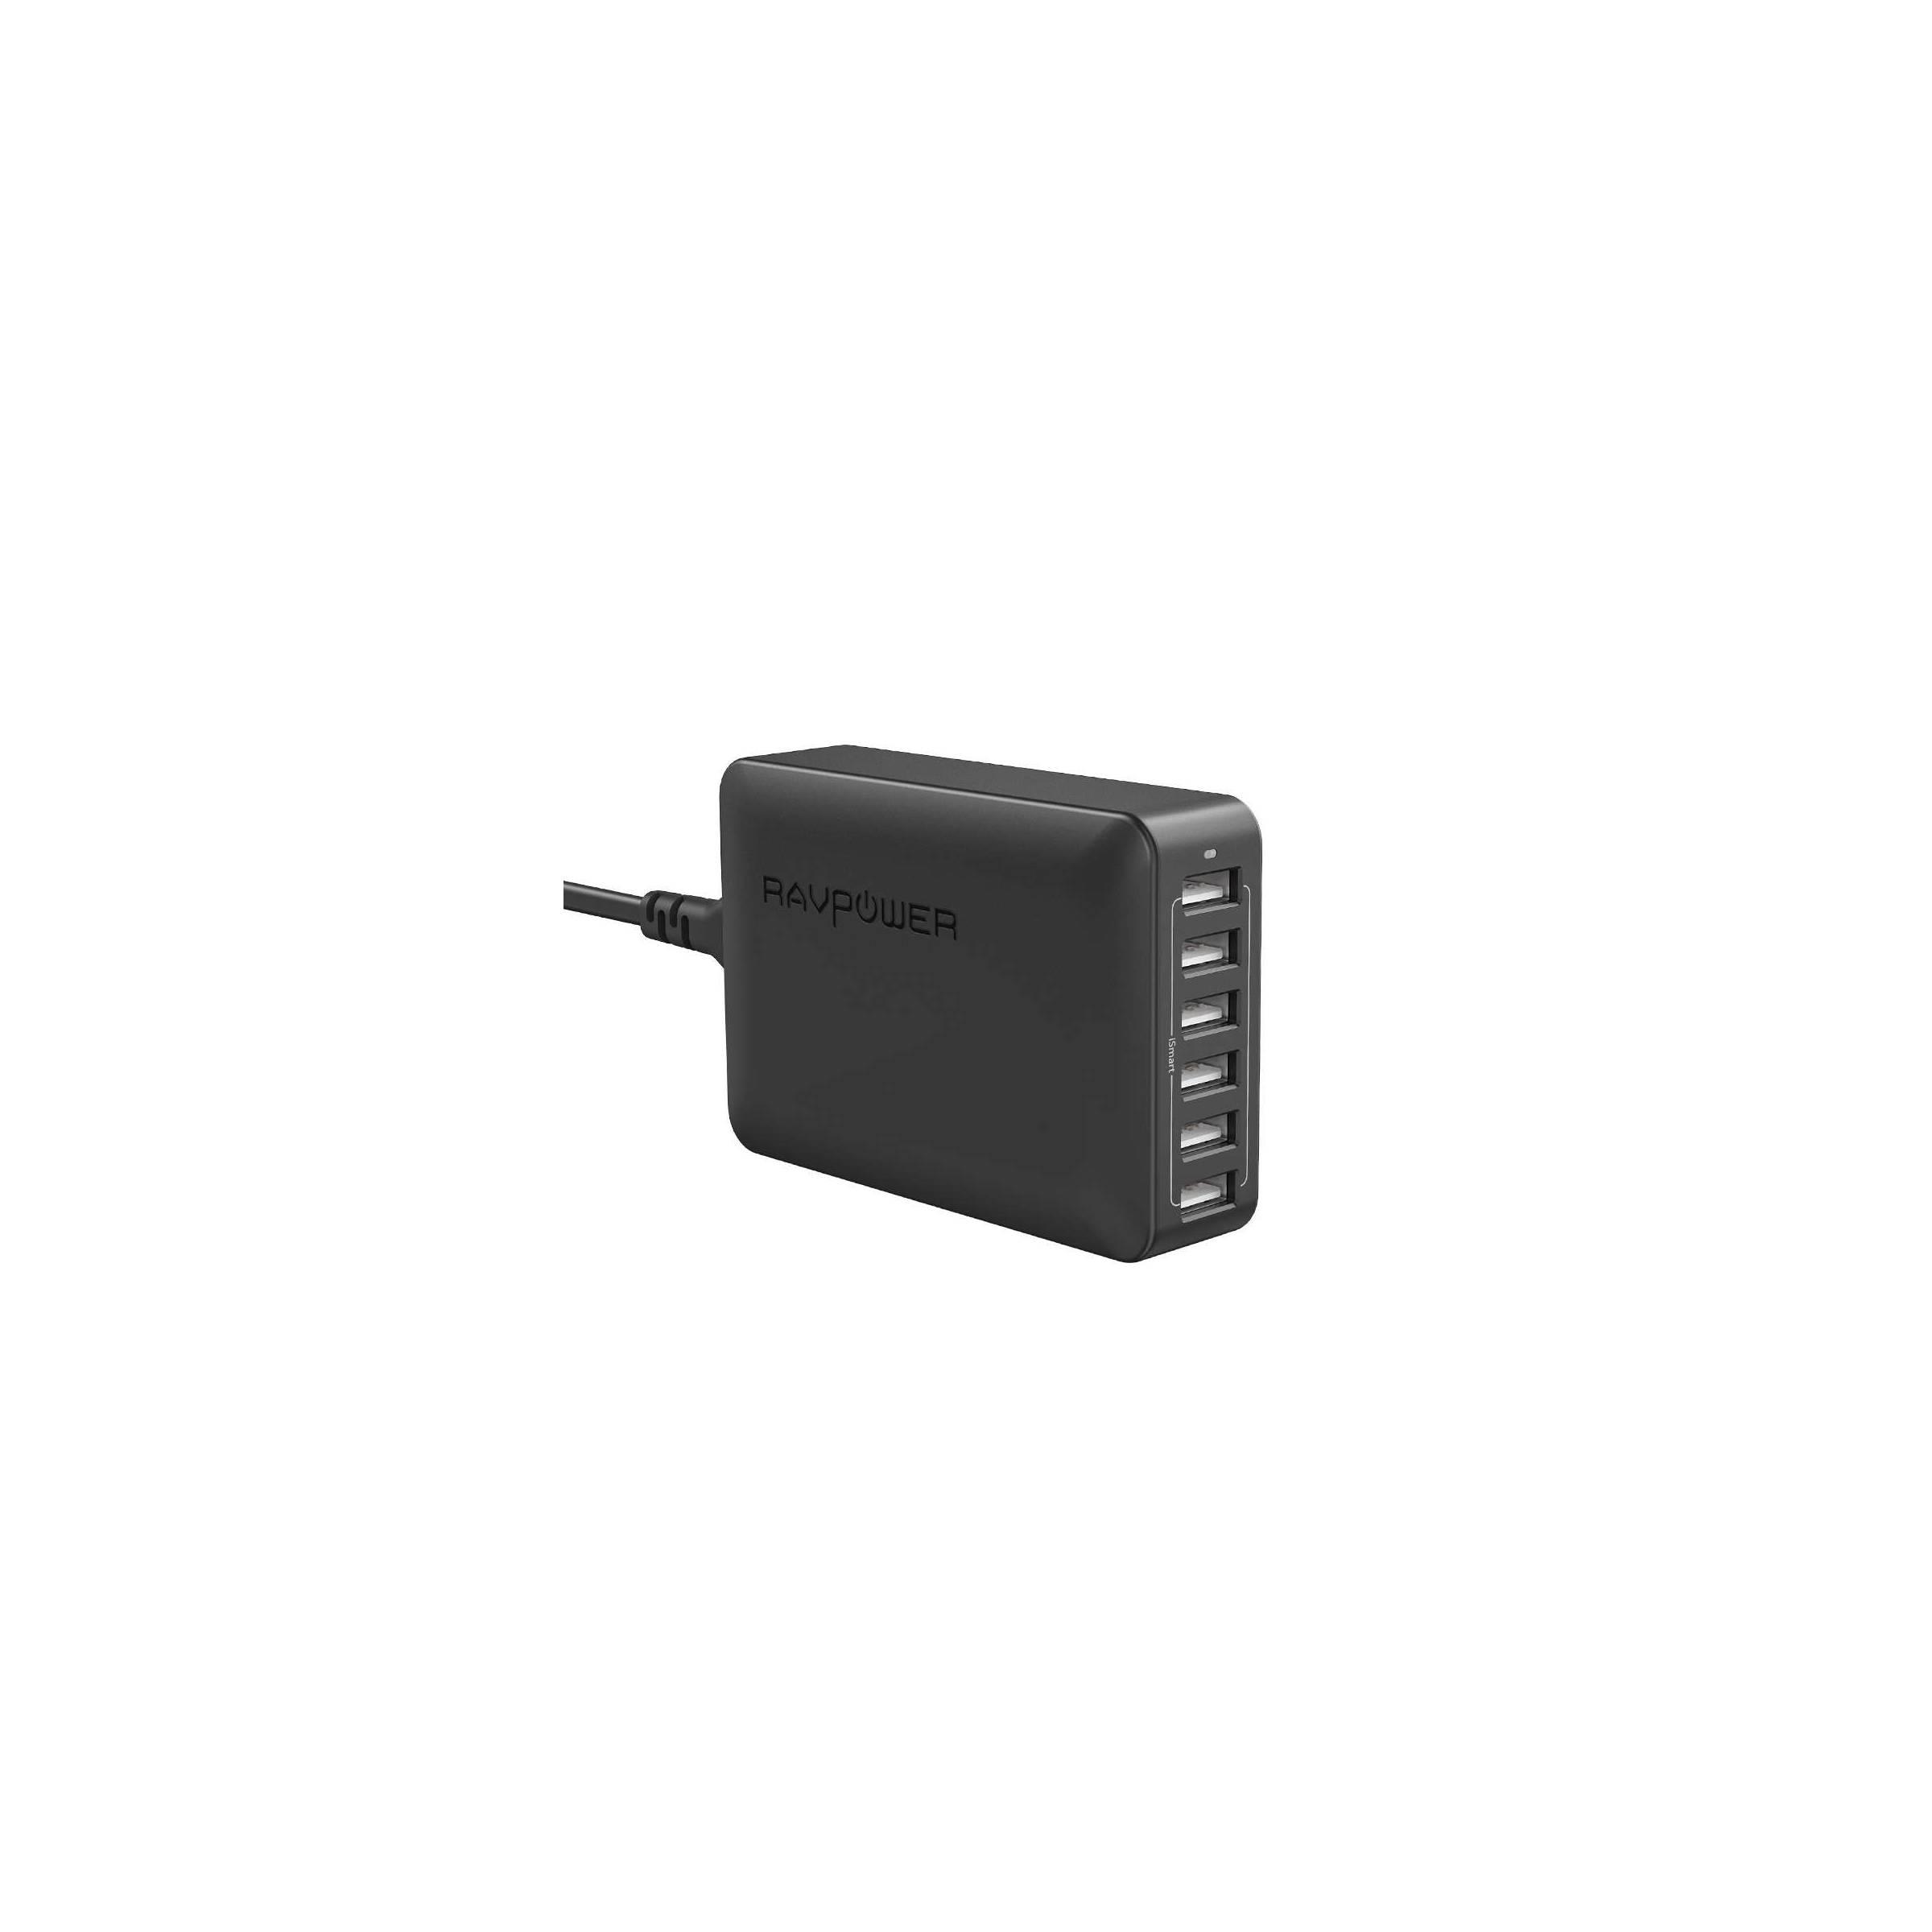 ravpower – Ravpower 6-ports usb hub oplader m. 60w i sort på mackabler.dk